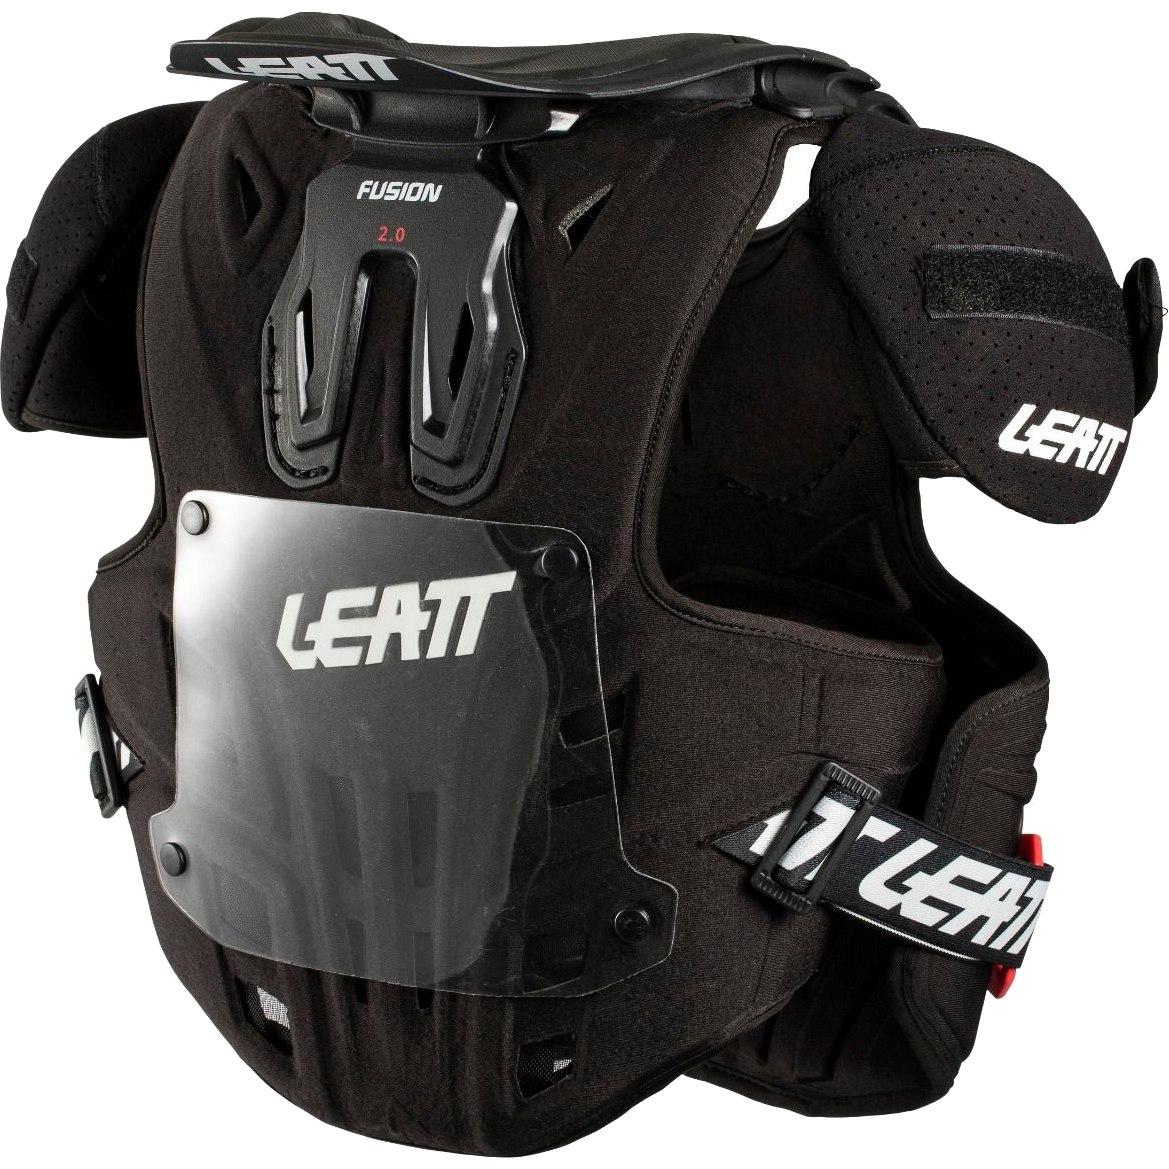 Bild von Leatt Fusion Vest 2.0 Junior - Hals- und Oberkörperprotektor für Kinder / Jugendliche - black